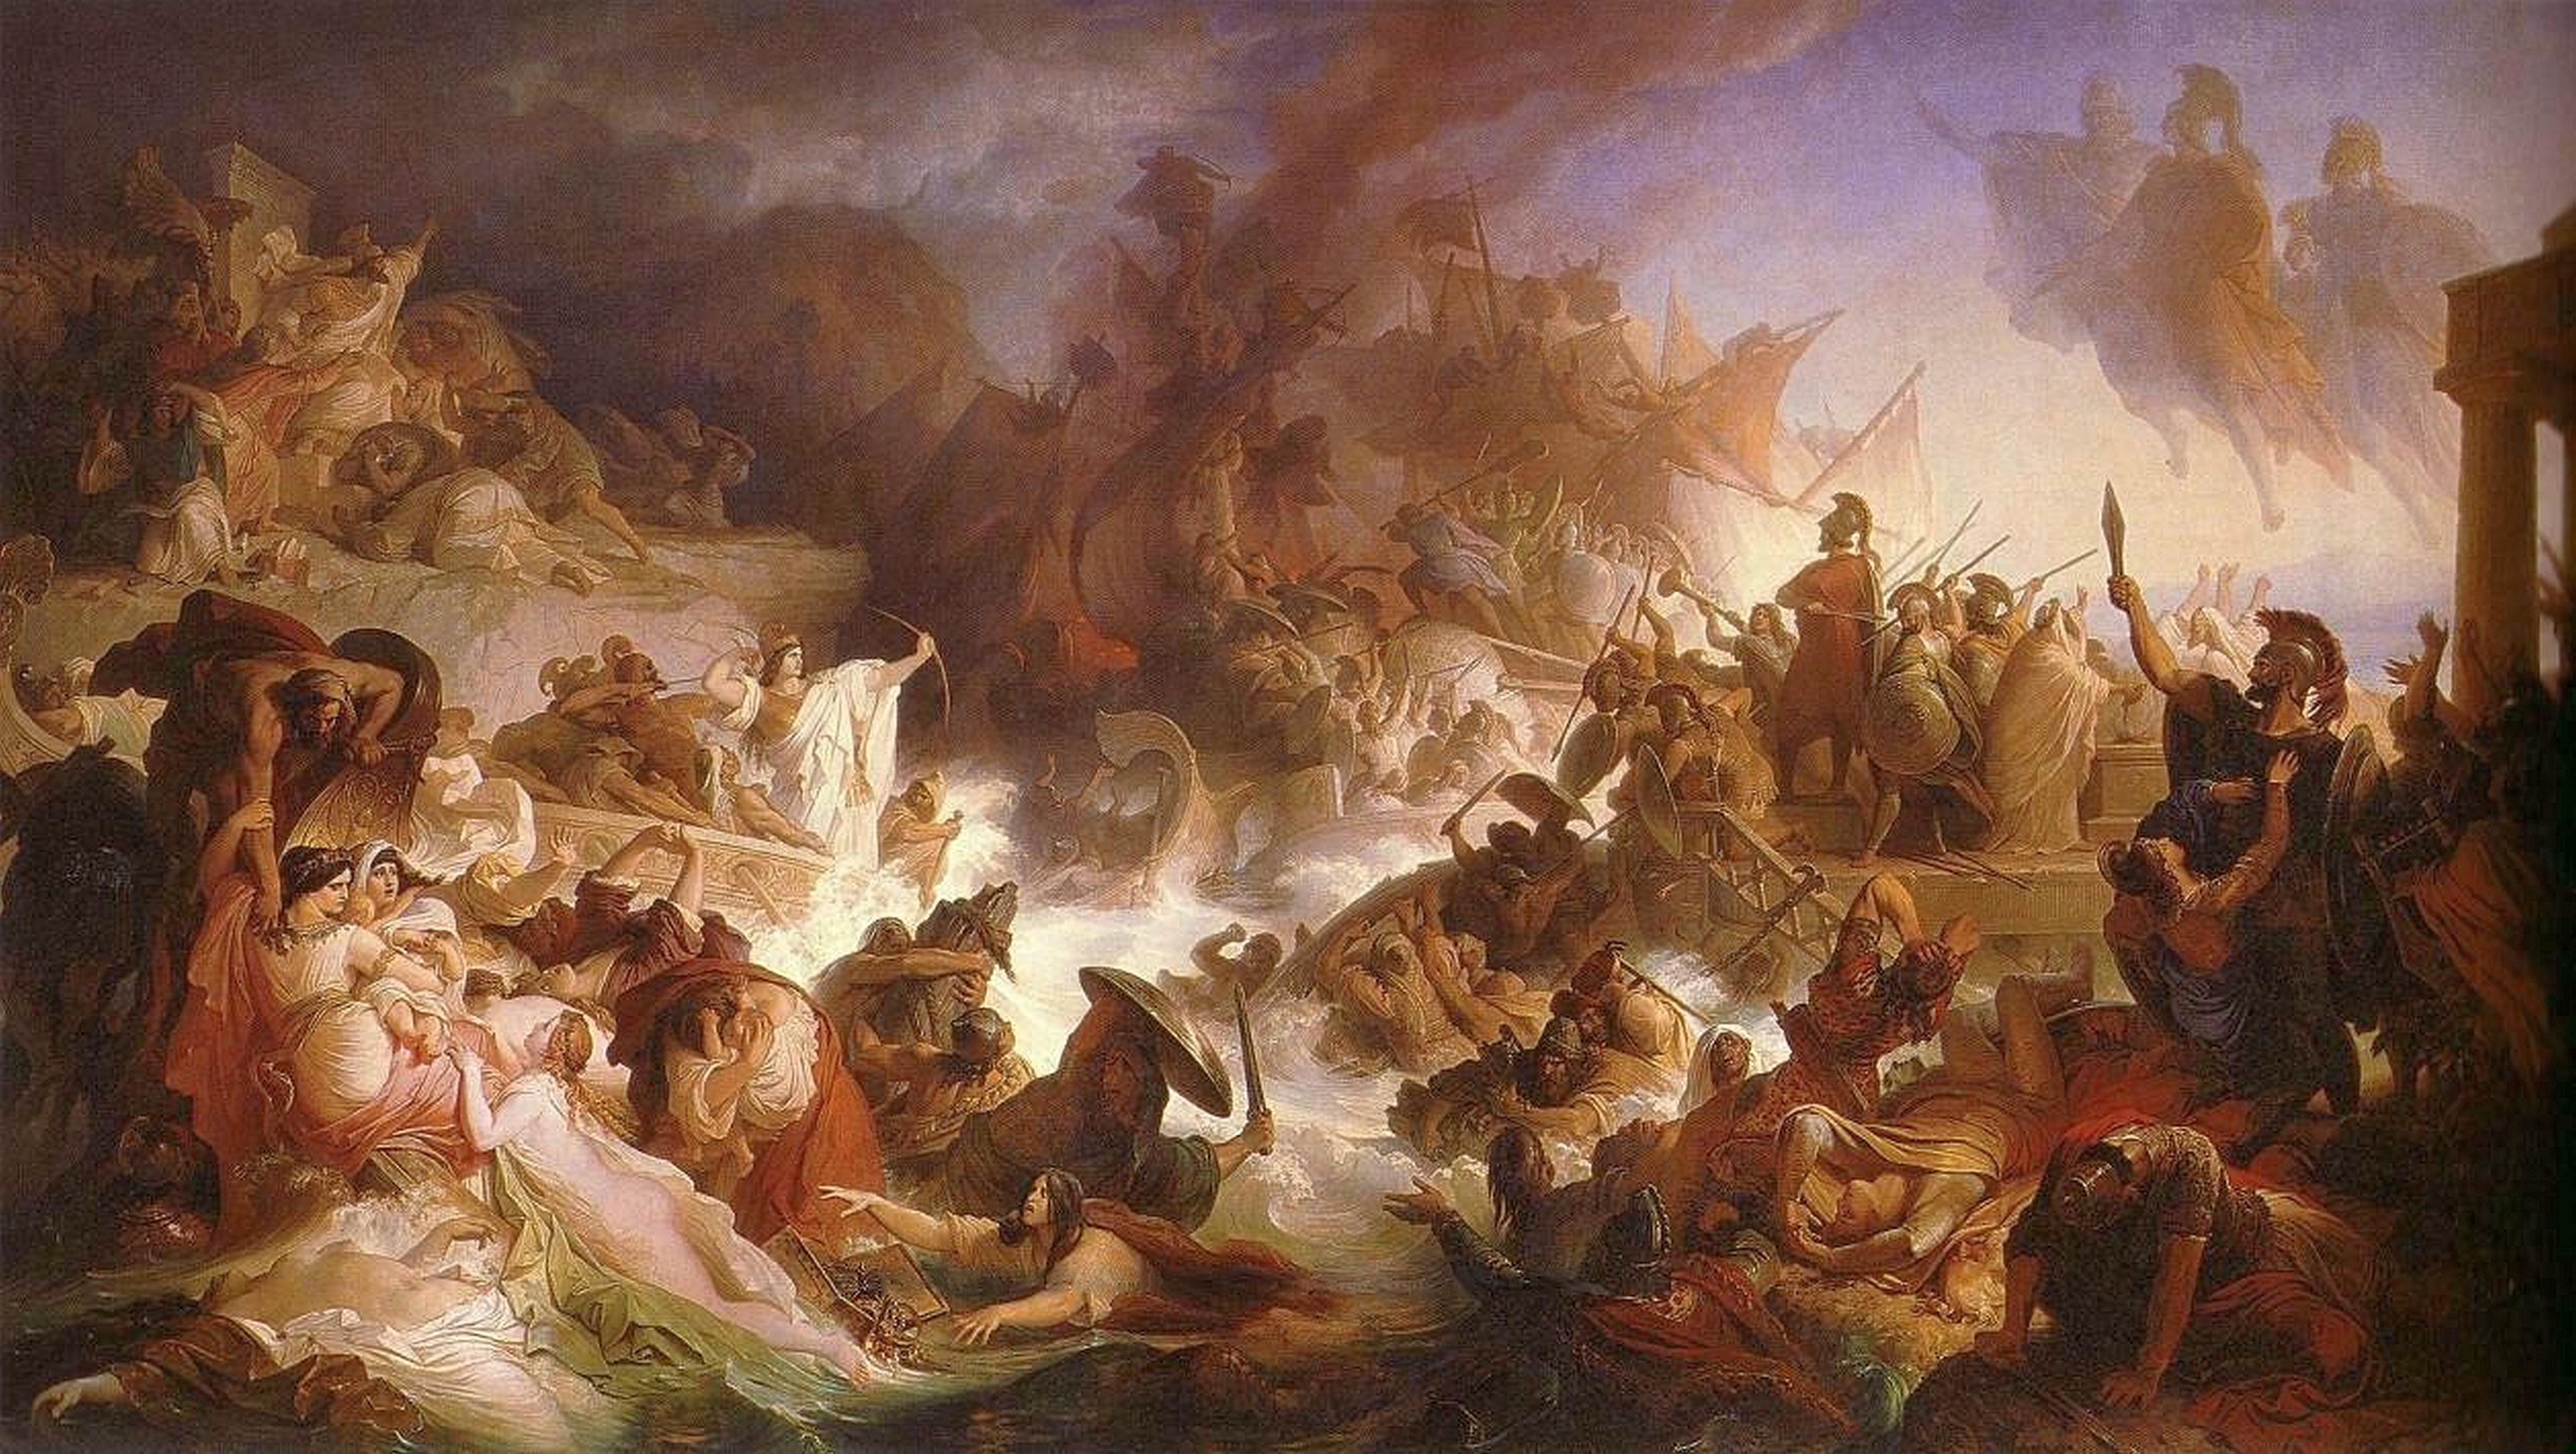 Kaulbach,_Wilhelm_von_-_Die_Seeschlacht_bei_Salamis_-_1868.JPG